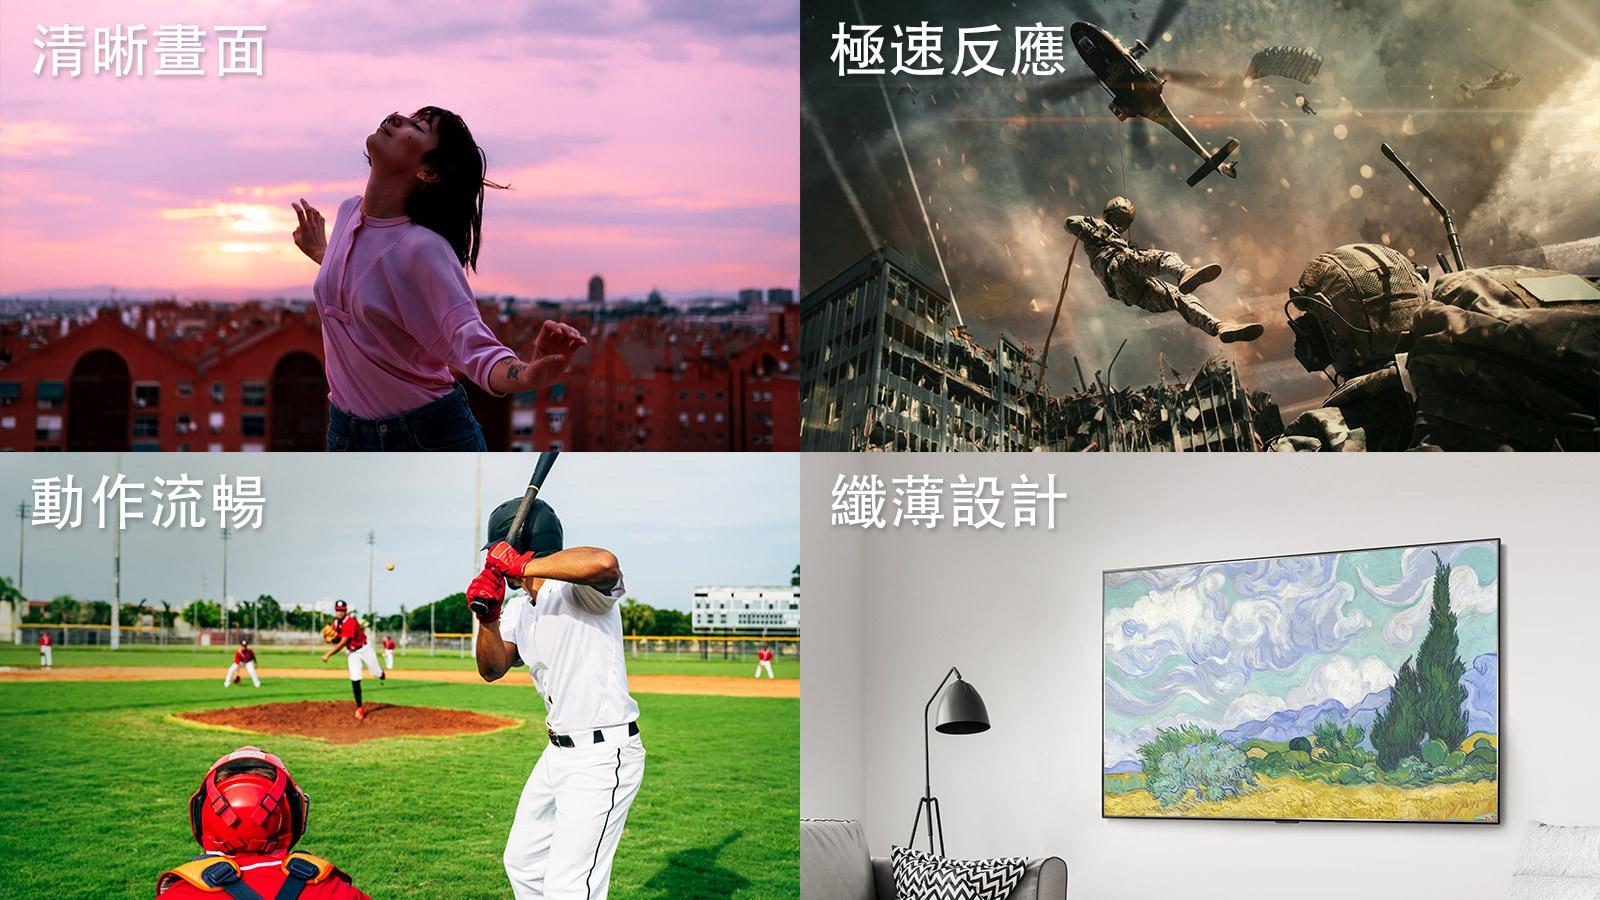 一名婦女在紫色天空的建築物的屋頂上曬日光浴,左上角有「清晰畫面」的文字說明。 戰爭遊戲中士兵從直升機上摔下來,左上角有「極快回應速度」文字說明。 在比賽中,擊球員擊打棒球的圖像,左上角有「流暢動作」的文字說明。 電視螢幕懸掛在牆上的圖像,左上角有「纖薄設計」的文字說明。